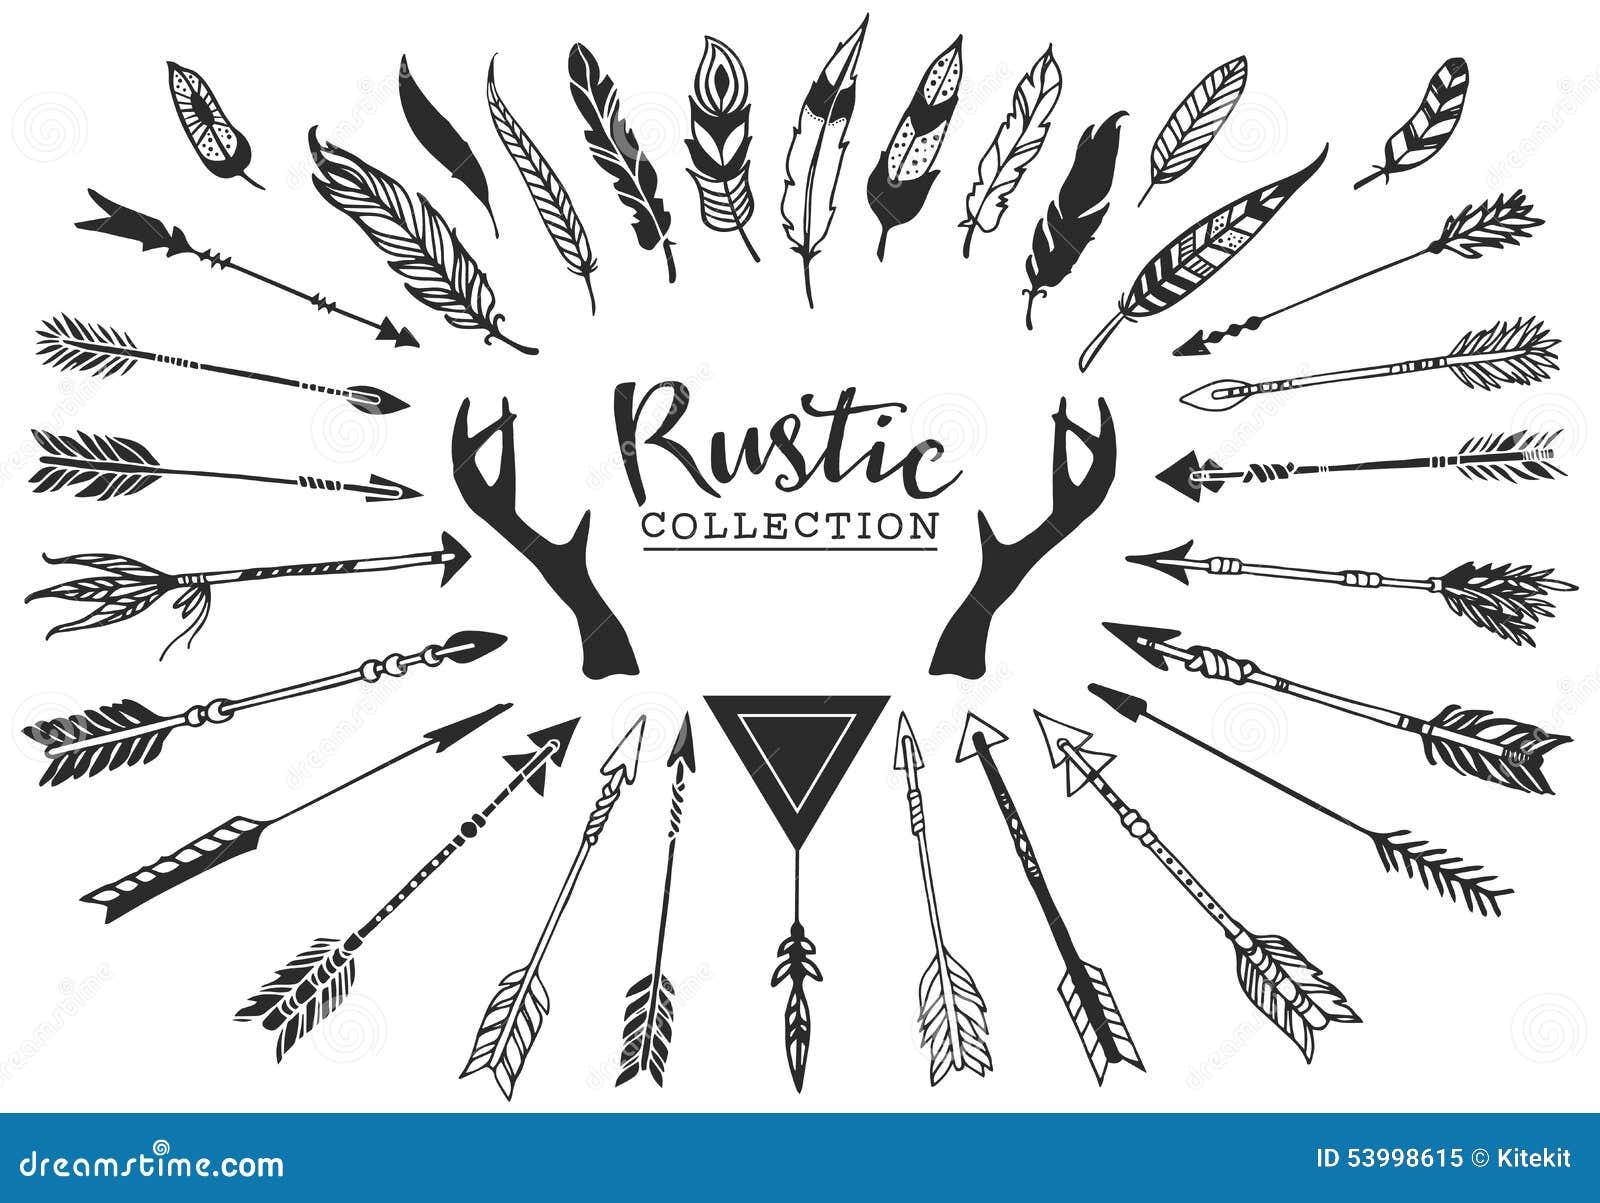 Rustikale dekorative Geweihe, Pfeile und Federn Hand gezeichnetes vinta